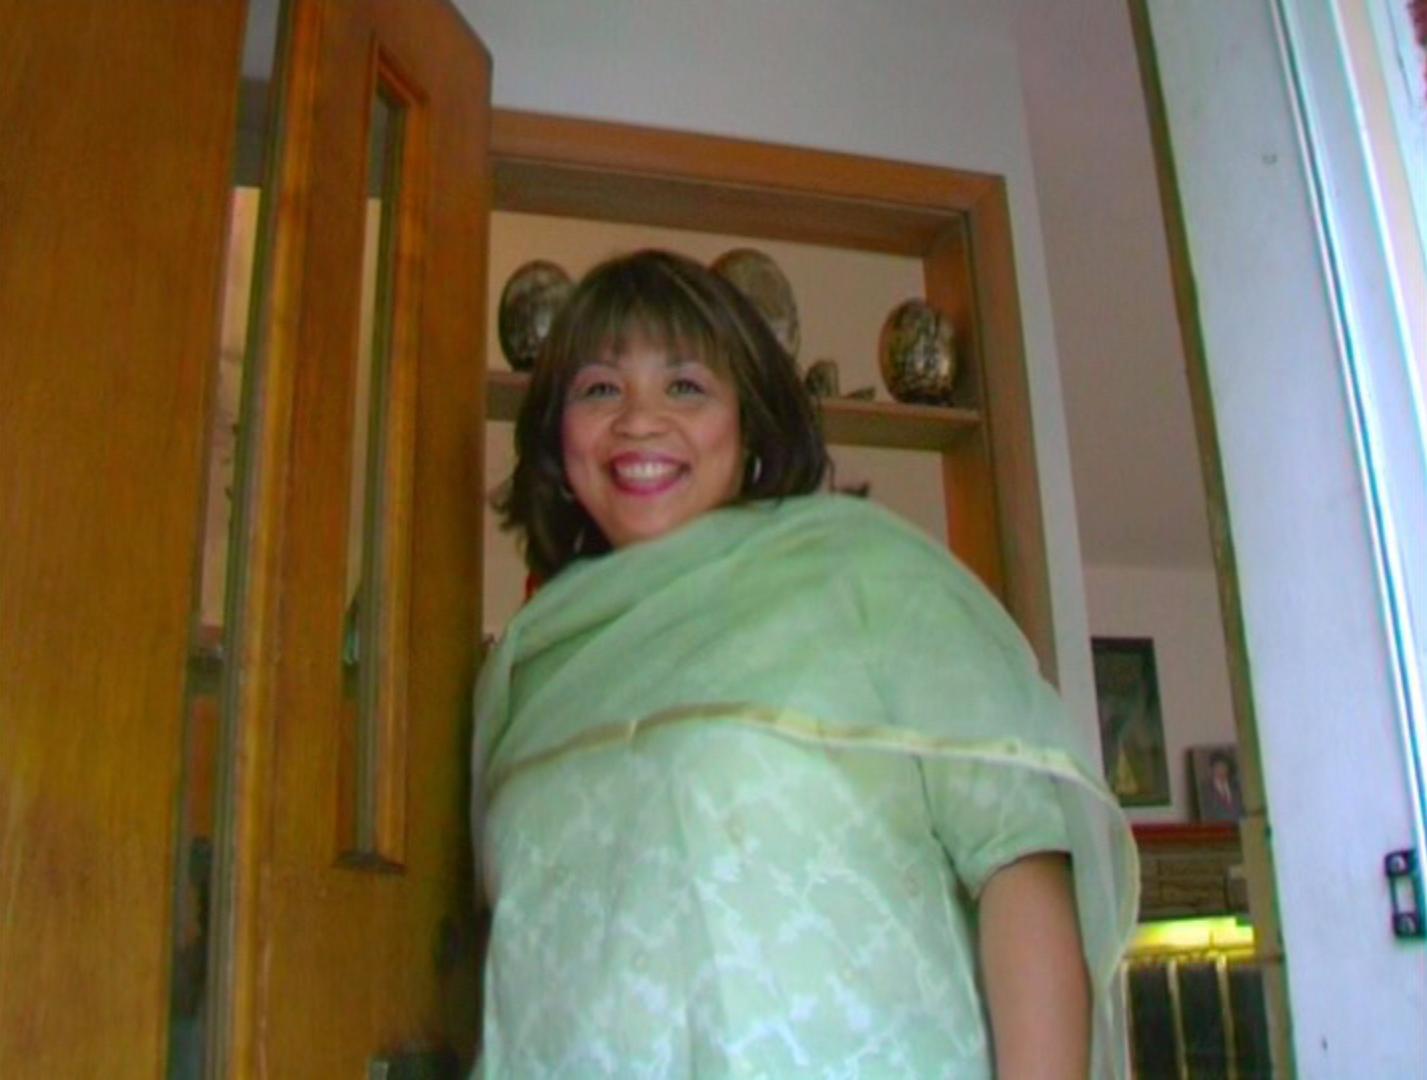 Farah's mother